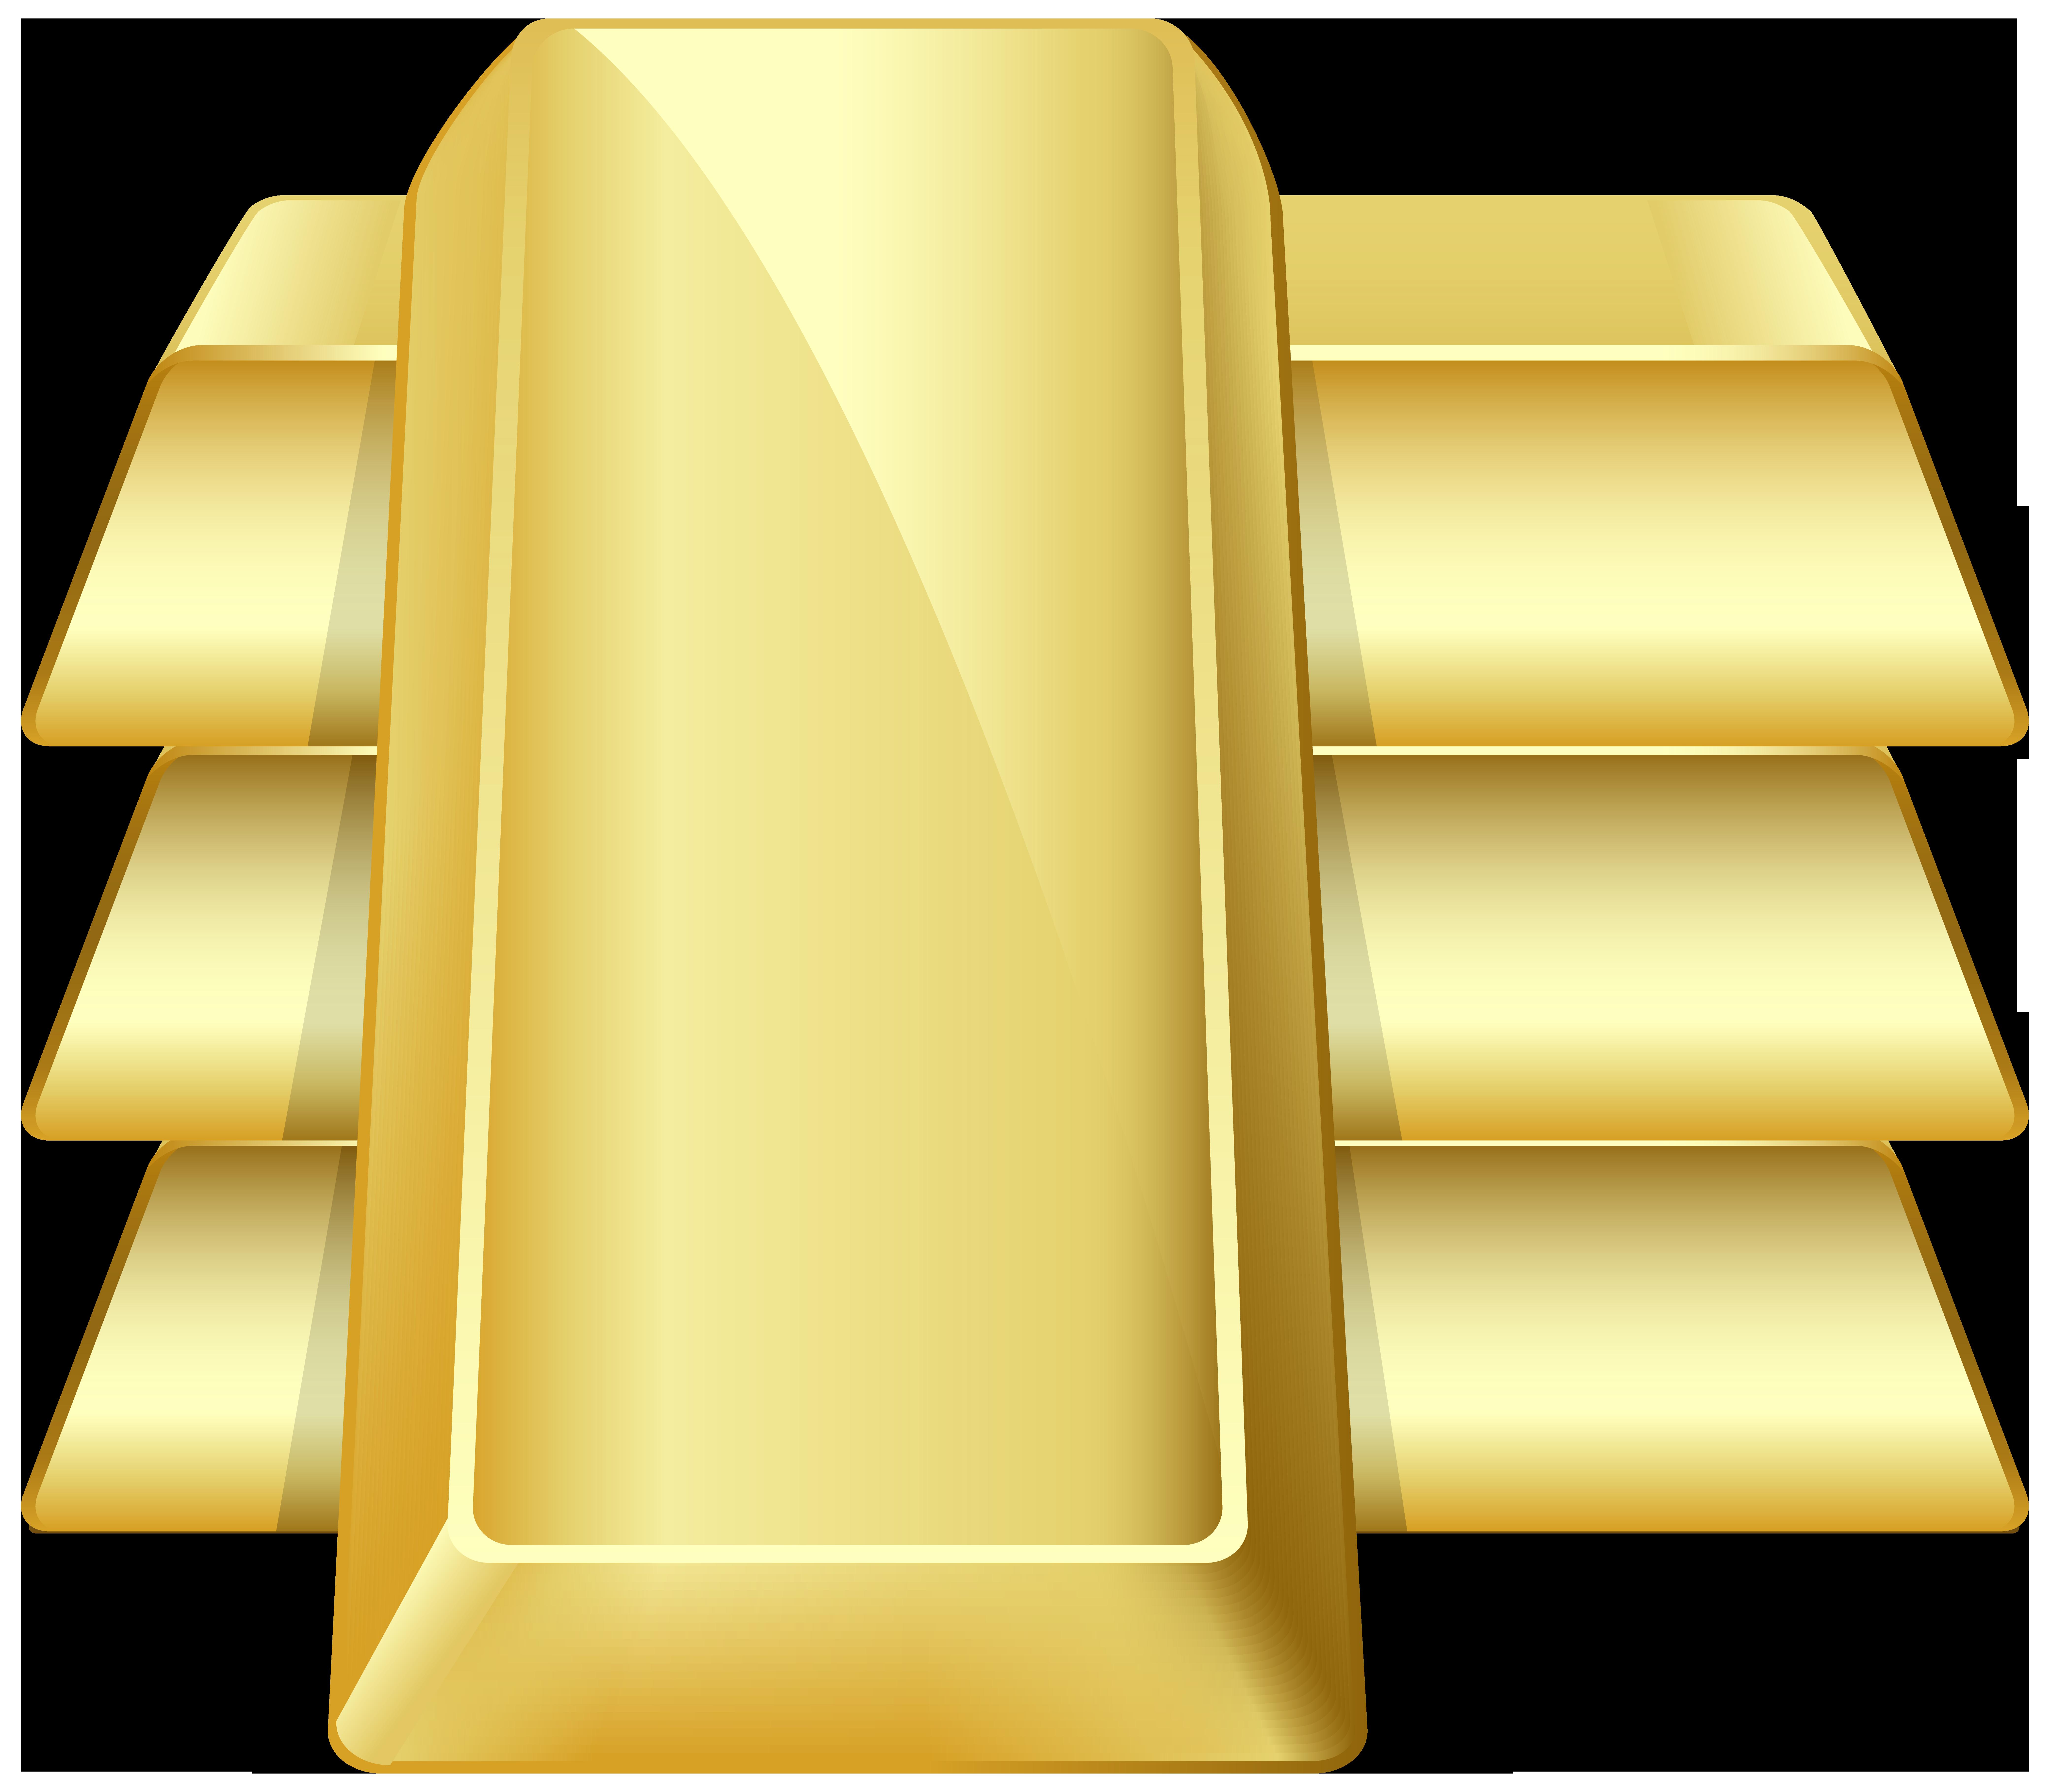 Gold bars png clip. Bar clipart transparent